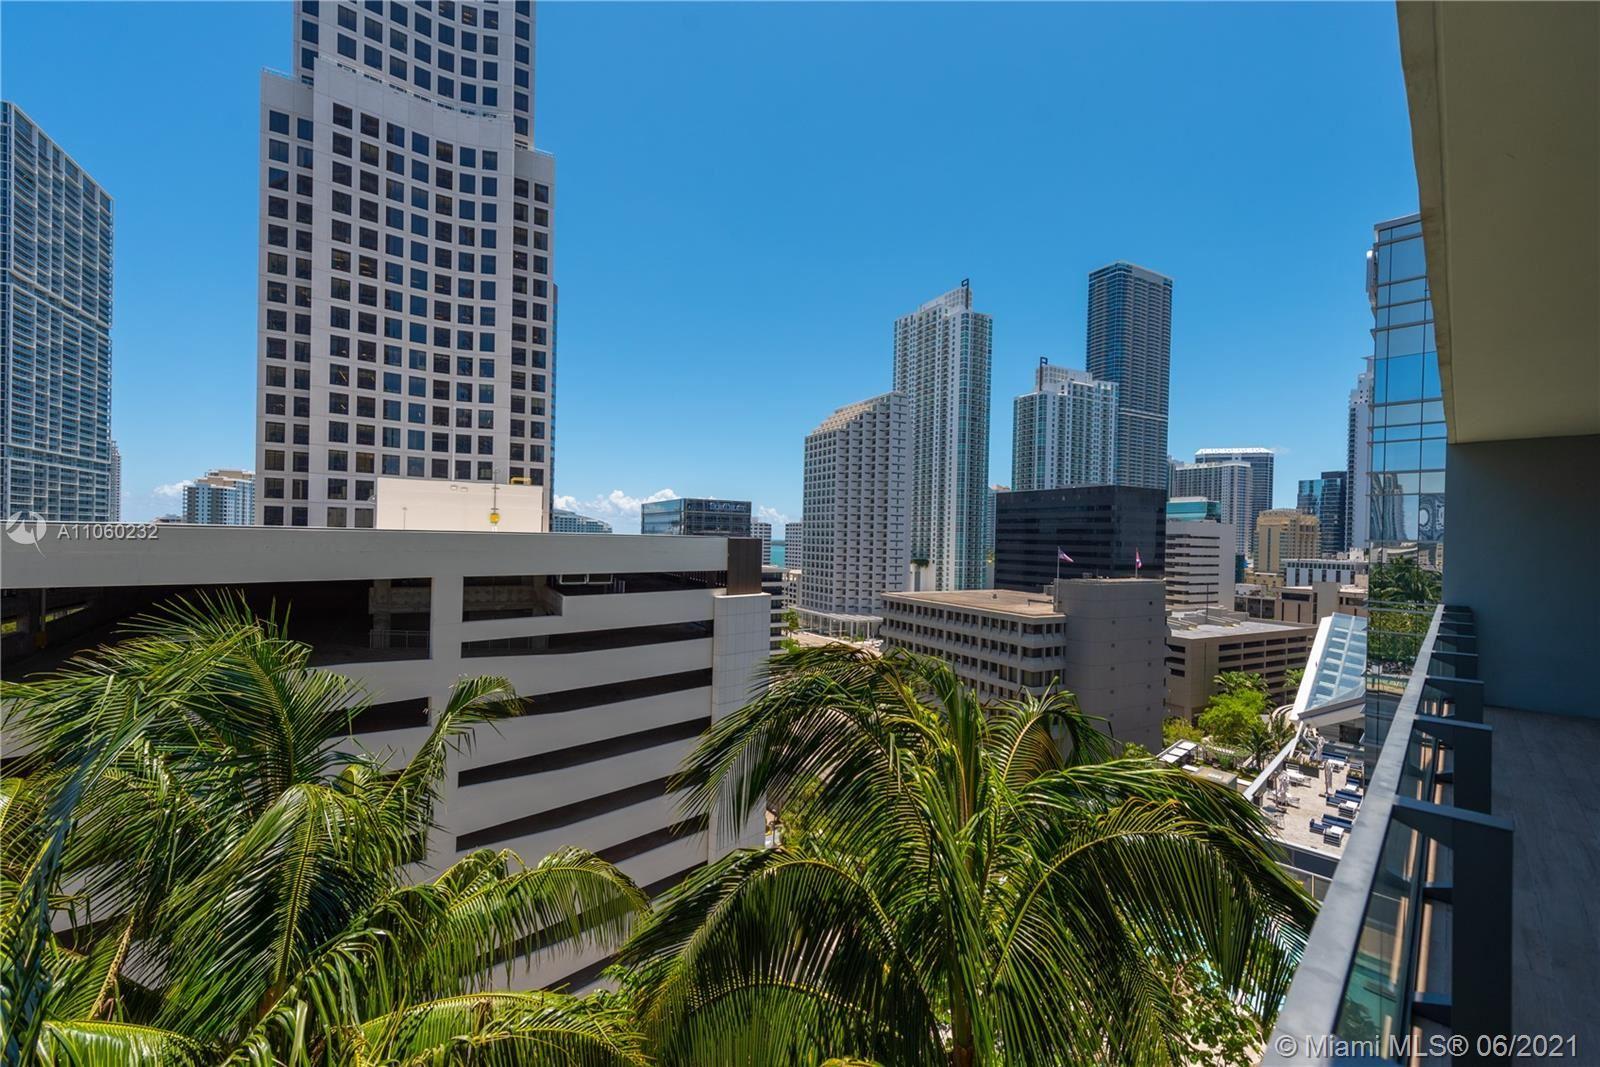 68 SE 6th St #1003, Miami, FL 33131 - #: A11060232